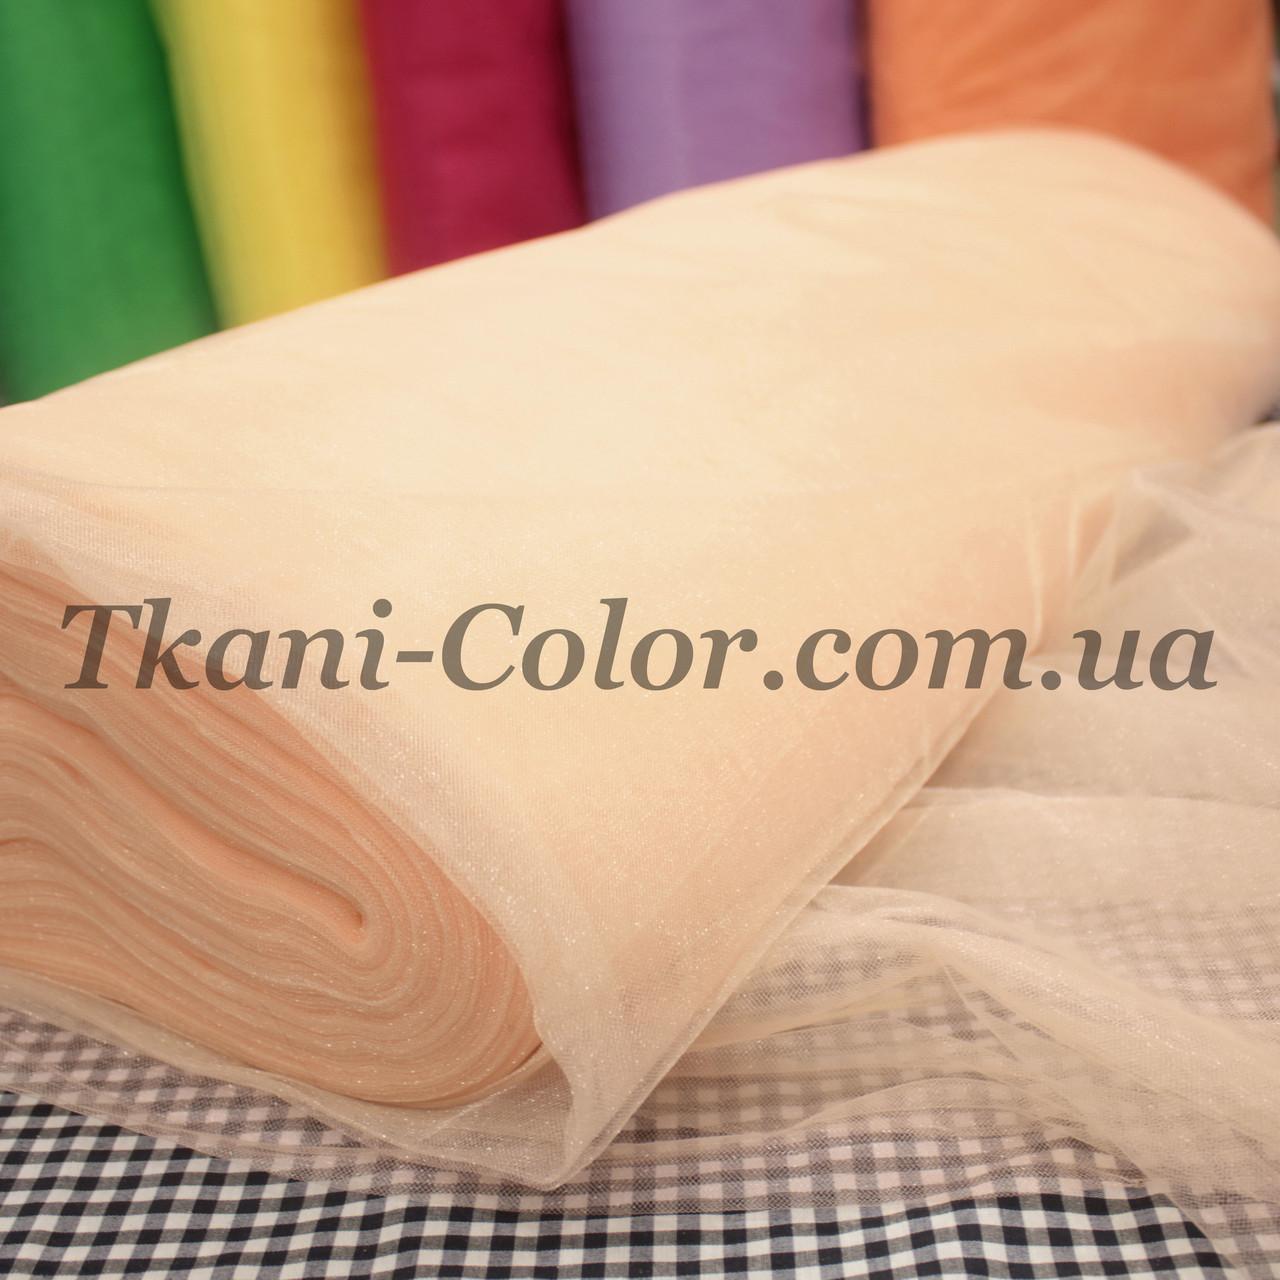 Тканина фатин середньої жорсткості світло-персиковий